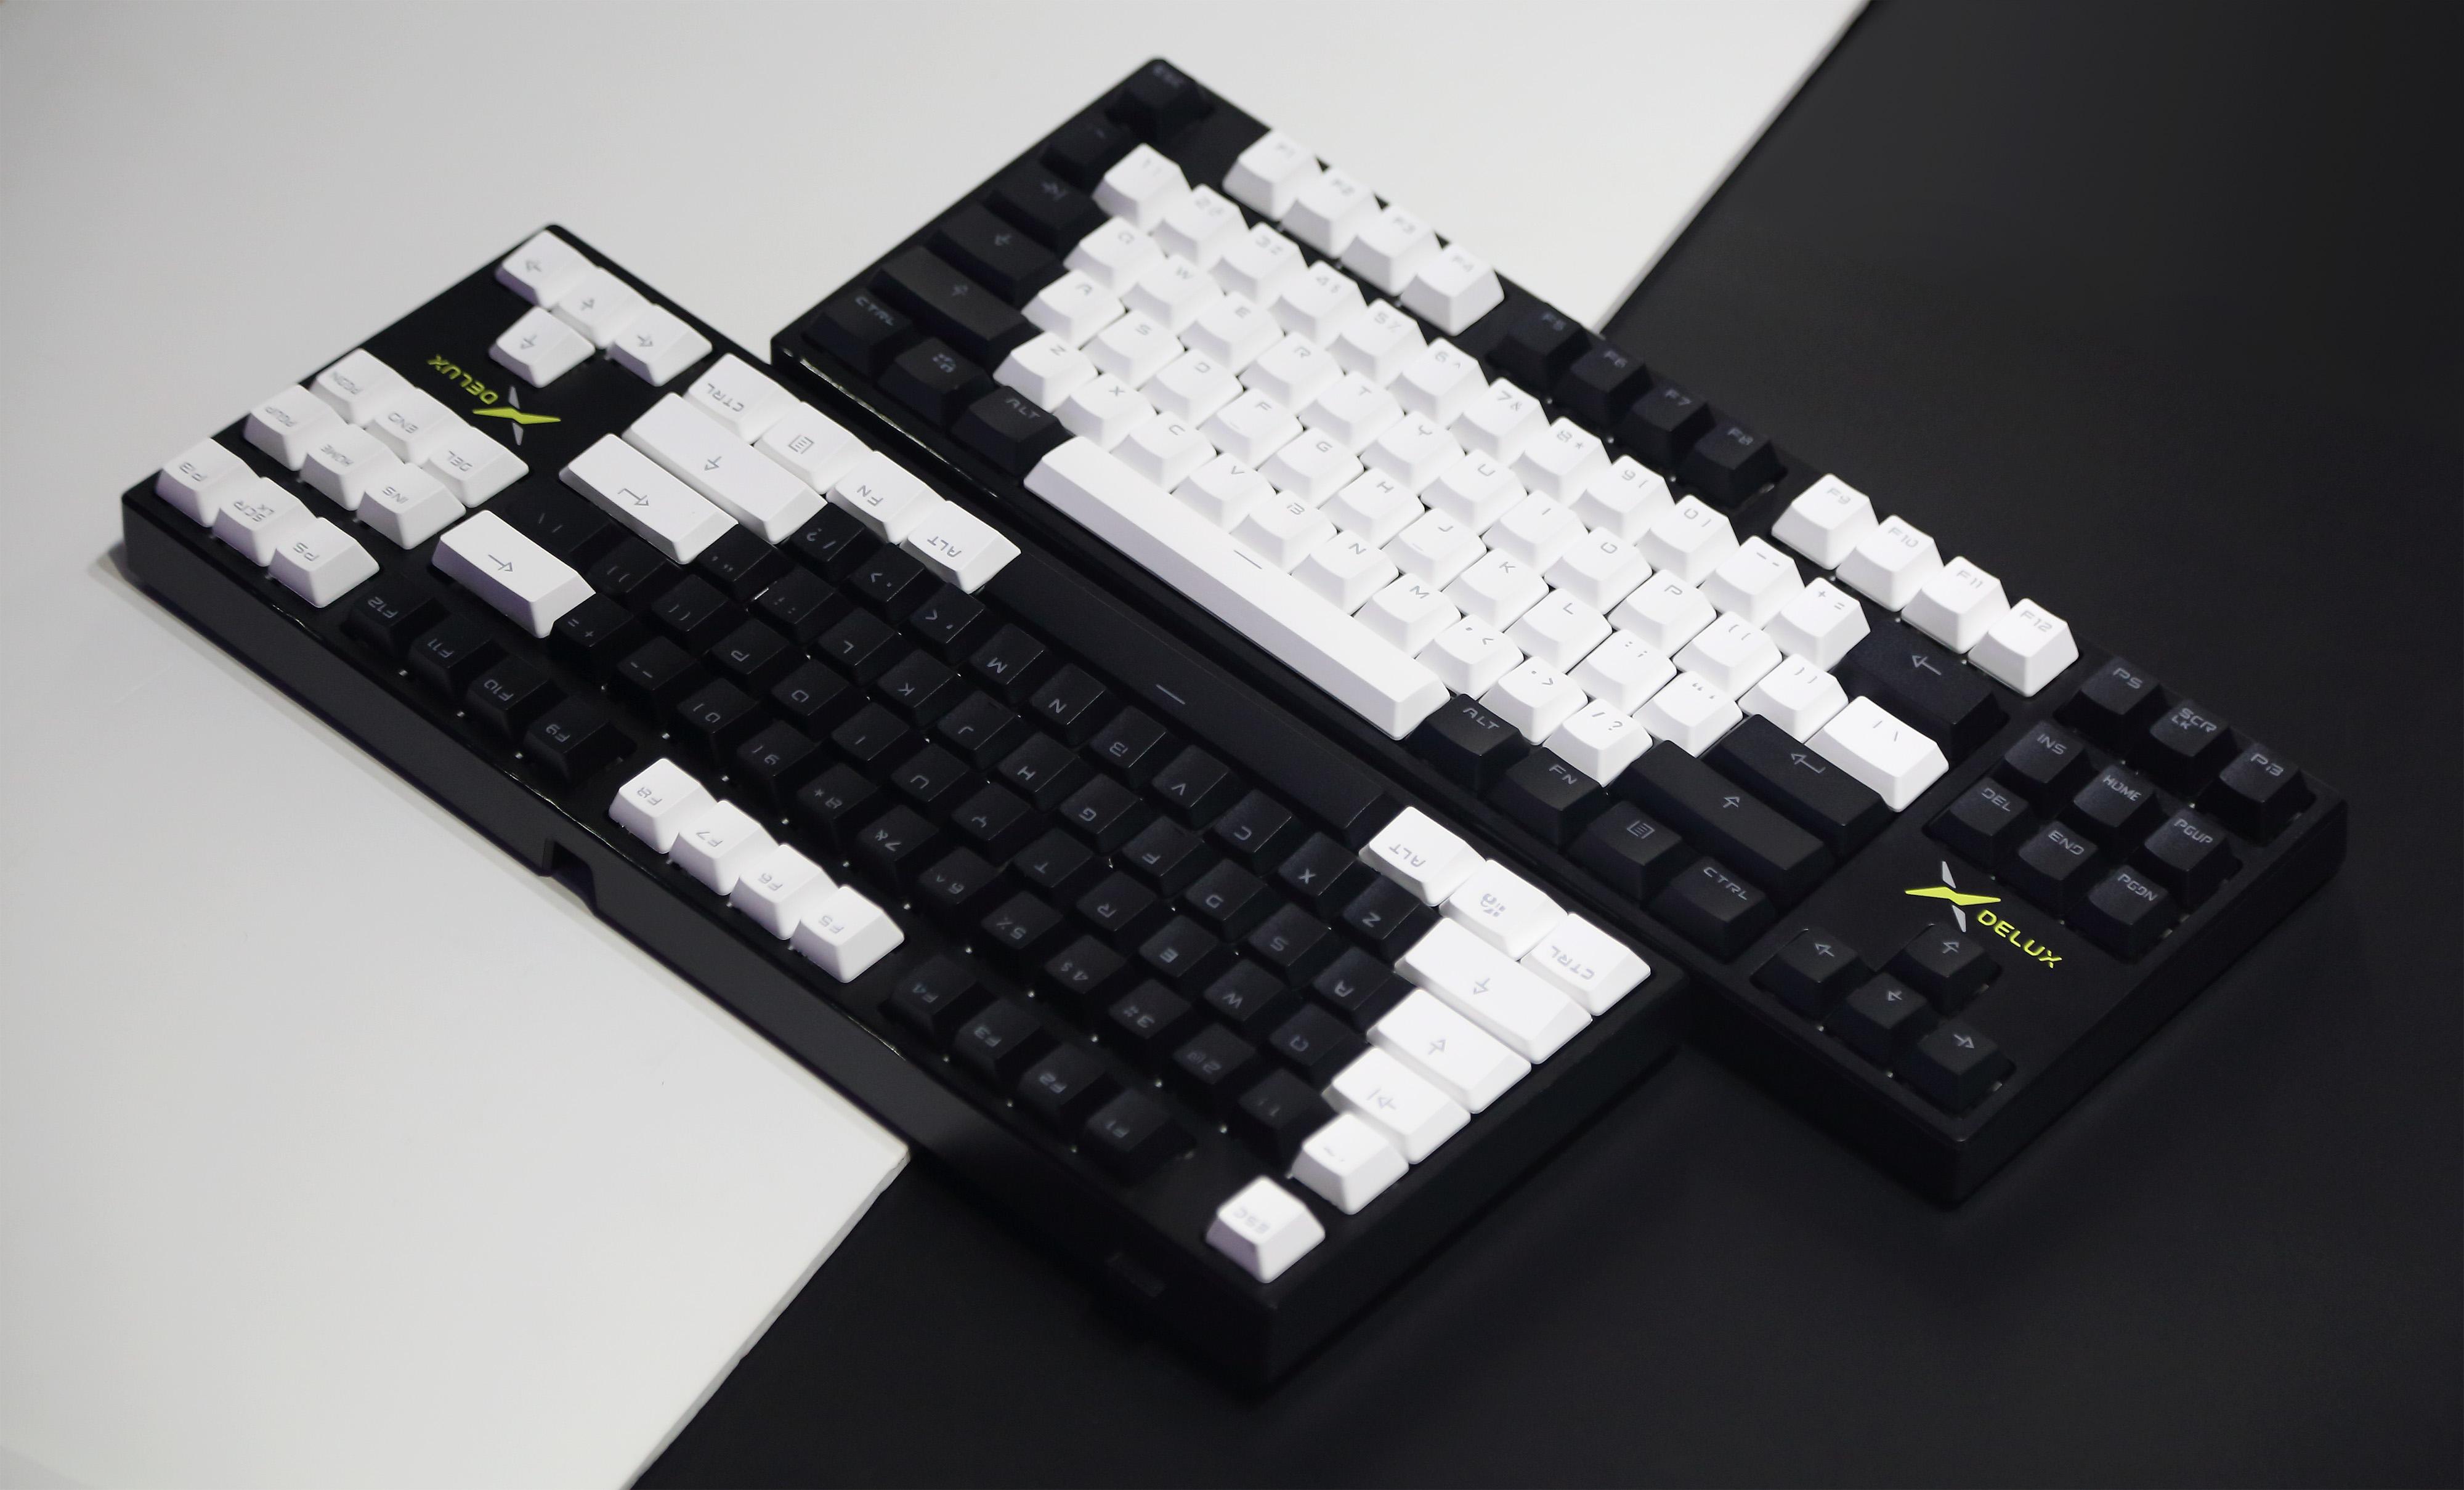 DELUX多彩KM13机械键盘,黑的白的粉的黄的带走你想要的